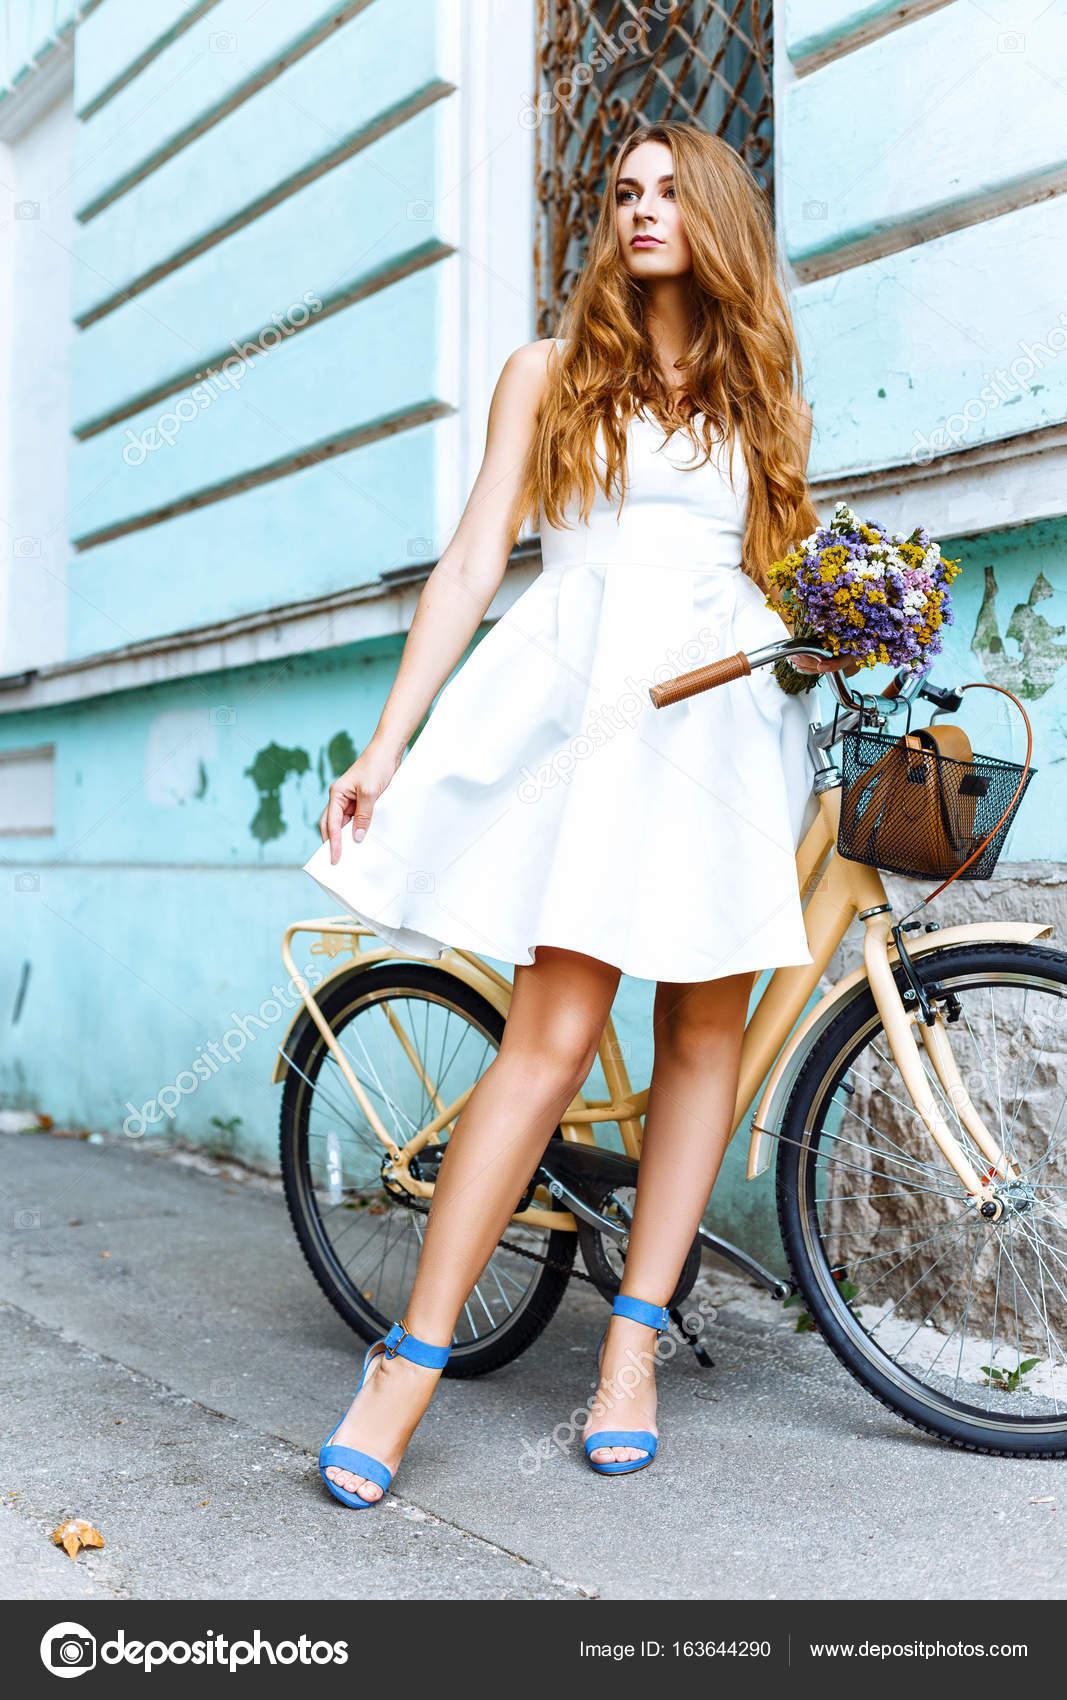 finest selection 609f0 85205 Ragazza in vestito bianco con biciclette e fiori vicino alla ...